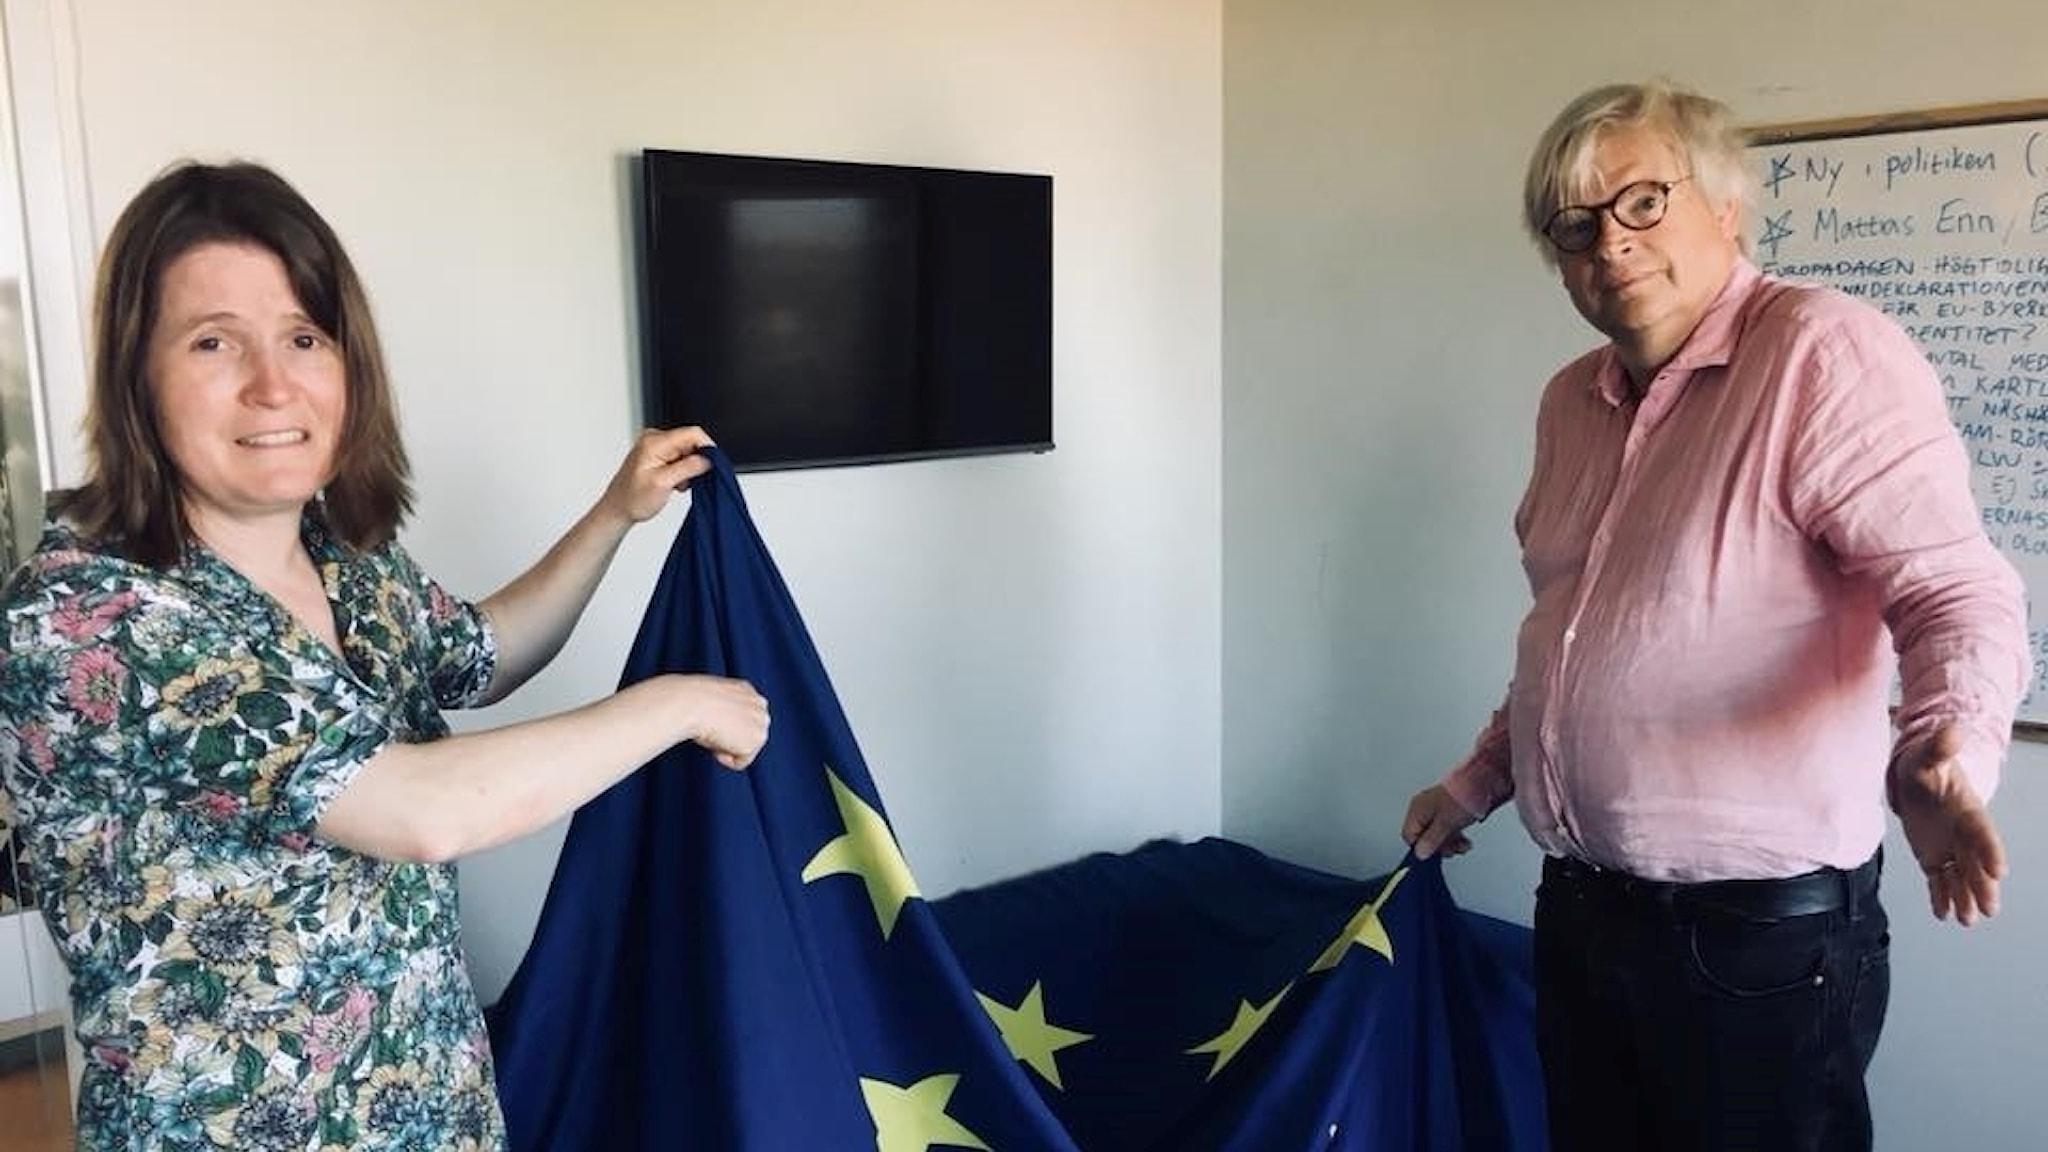 Louise Epstein, Thomas Nordegren och EU-flaggan